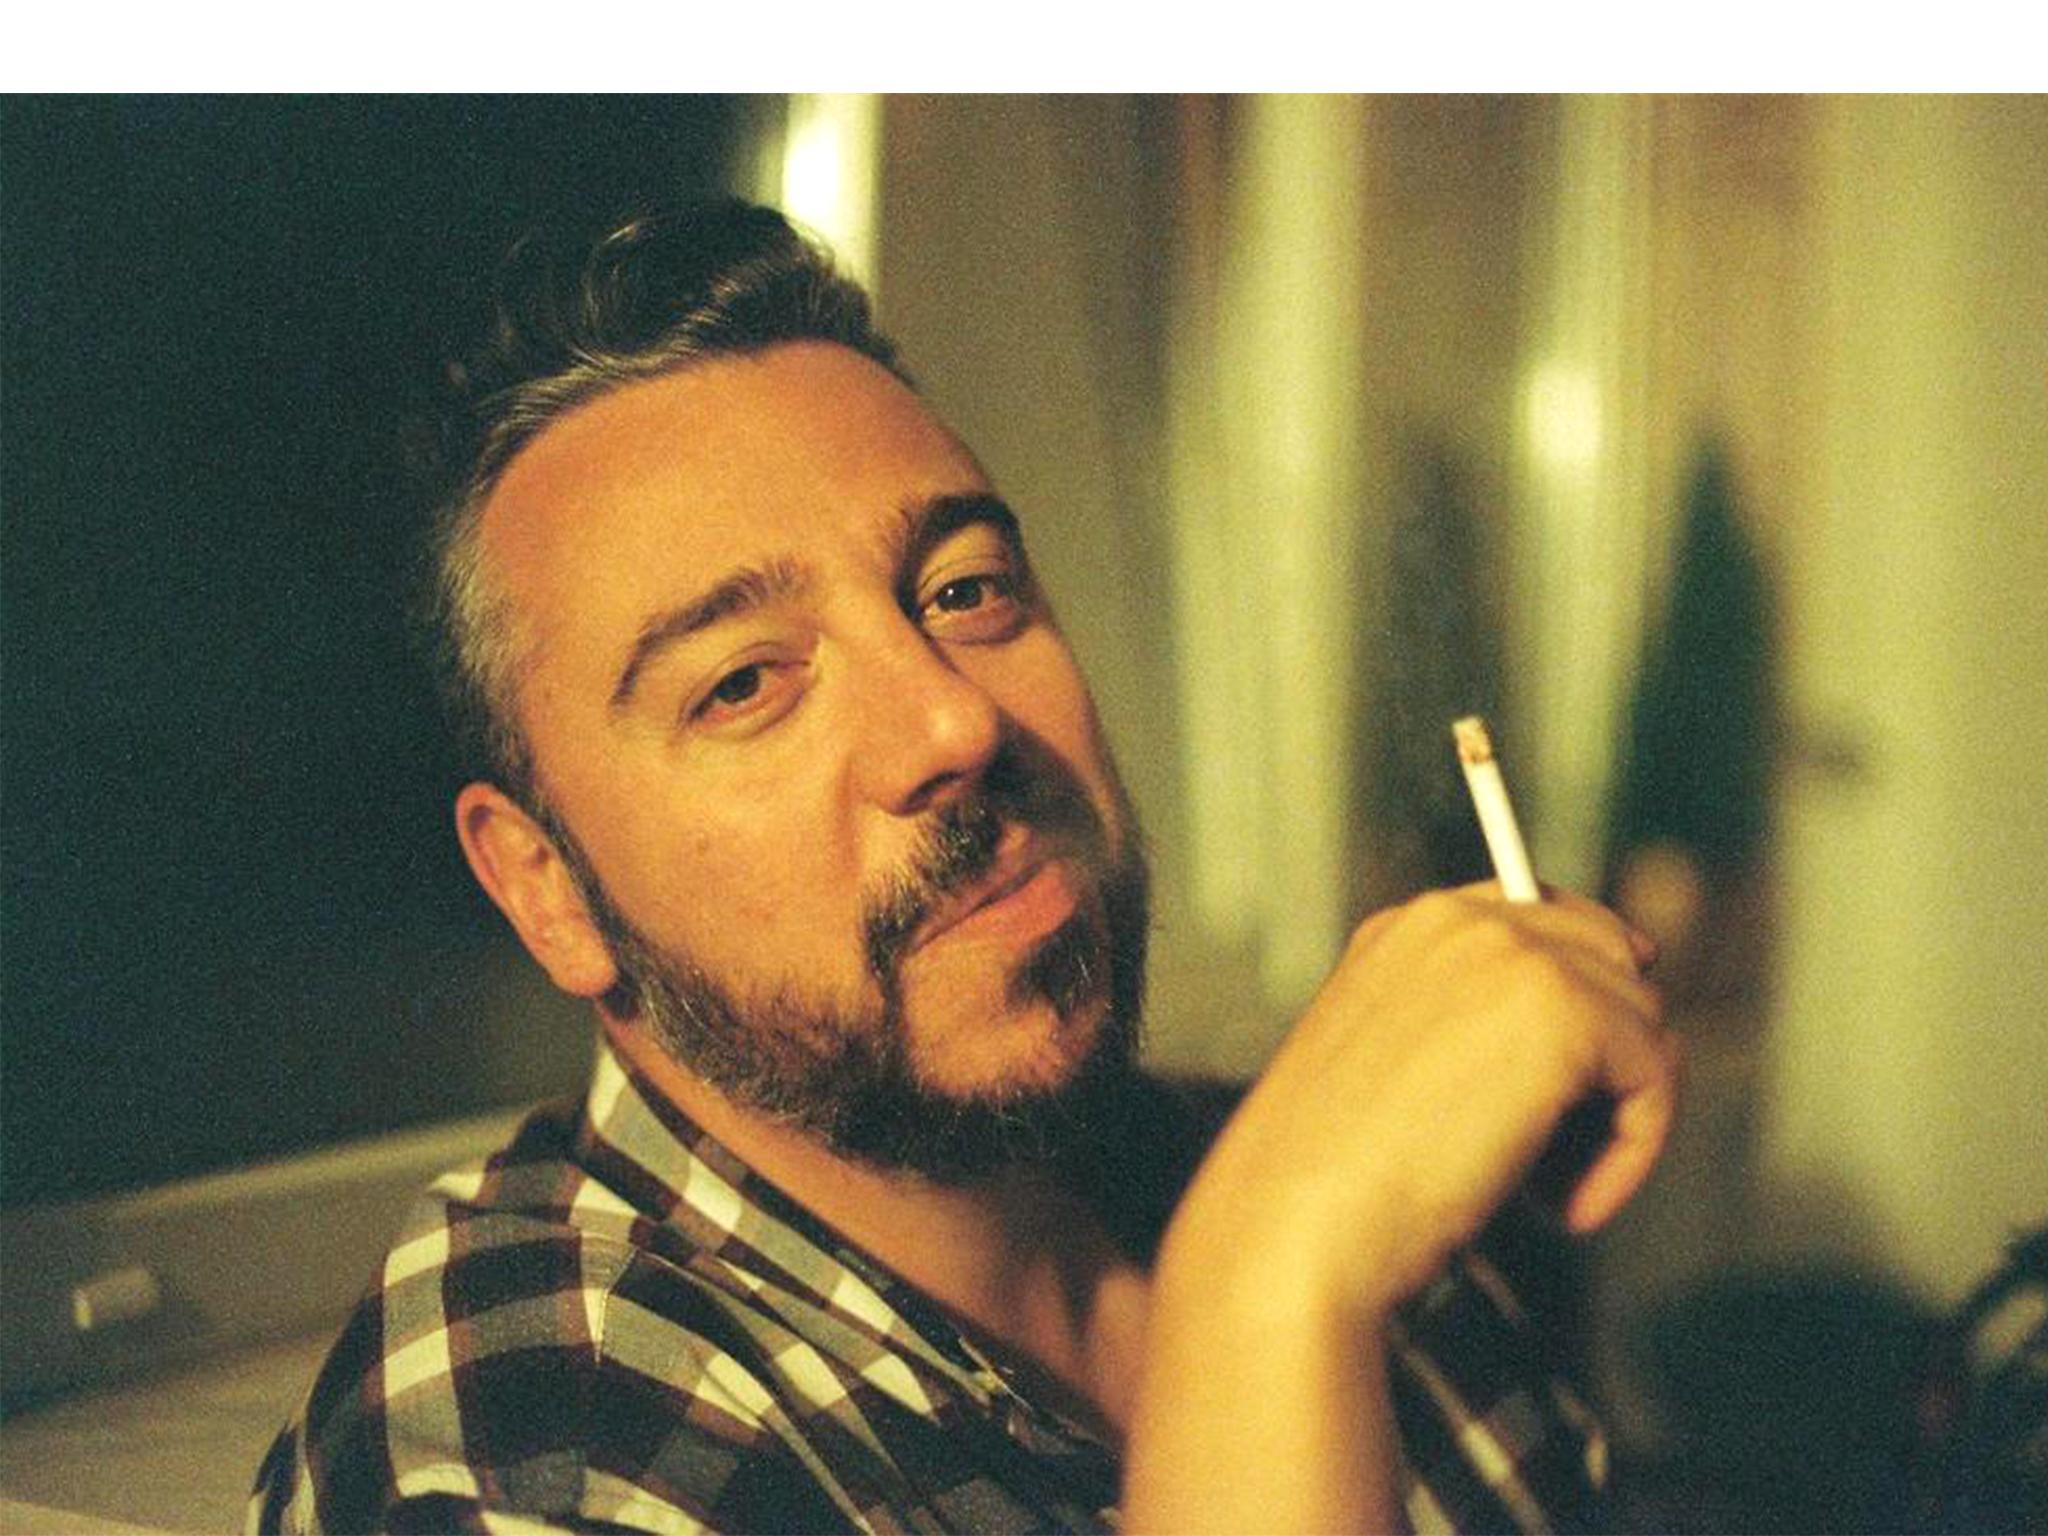 Argumentista, Guionista, Gastrónomo, Francisco Pombares